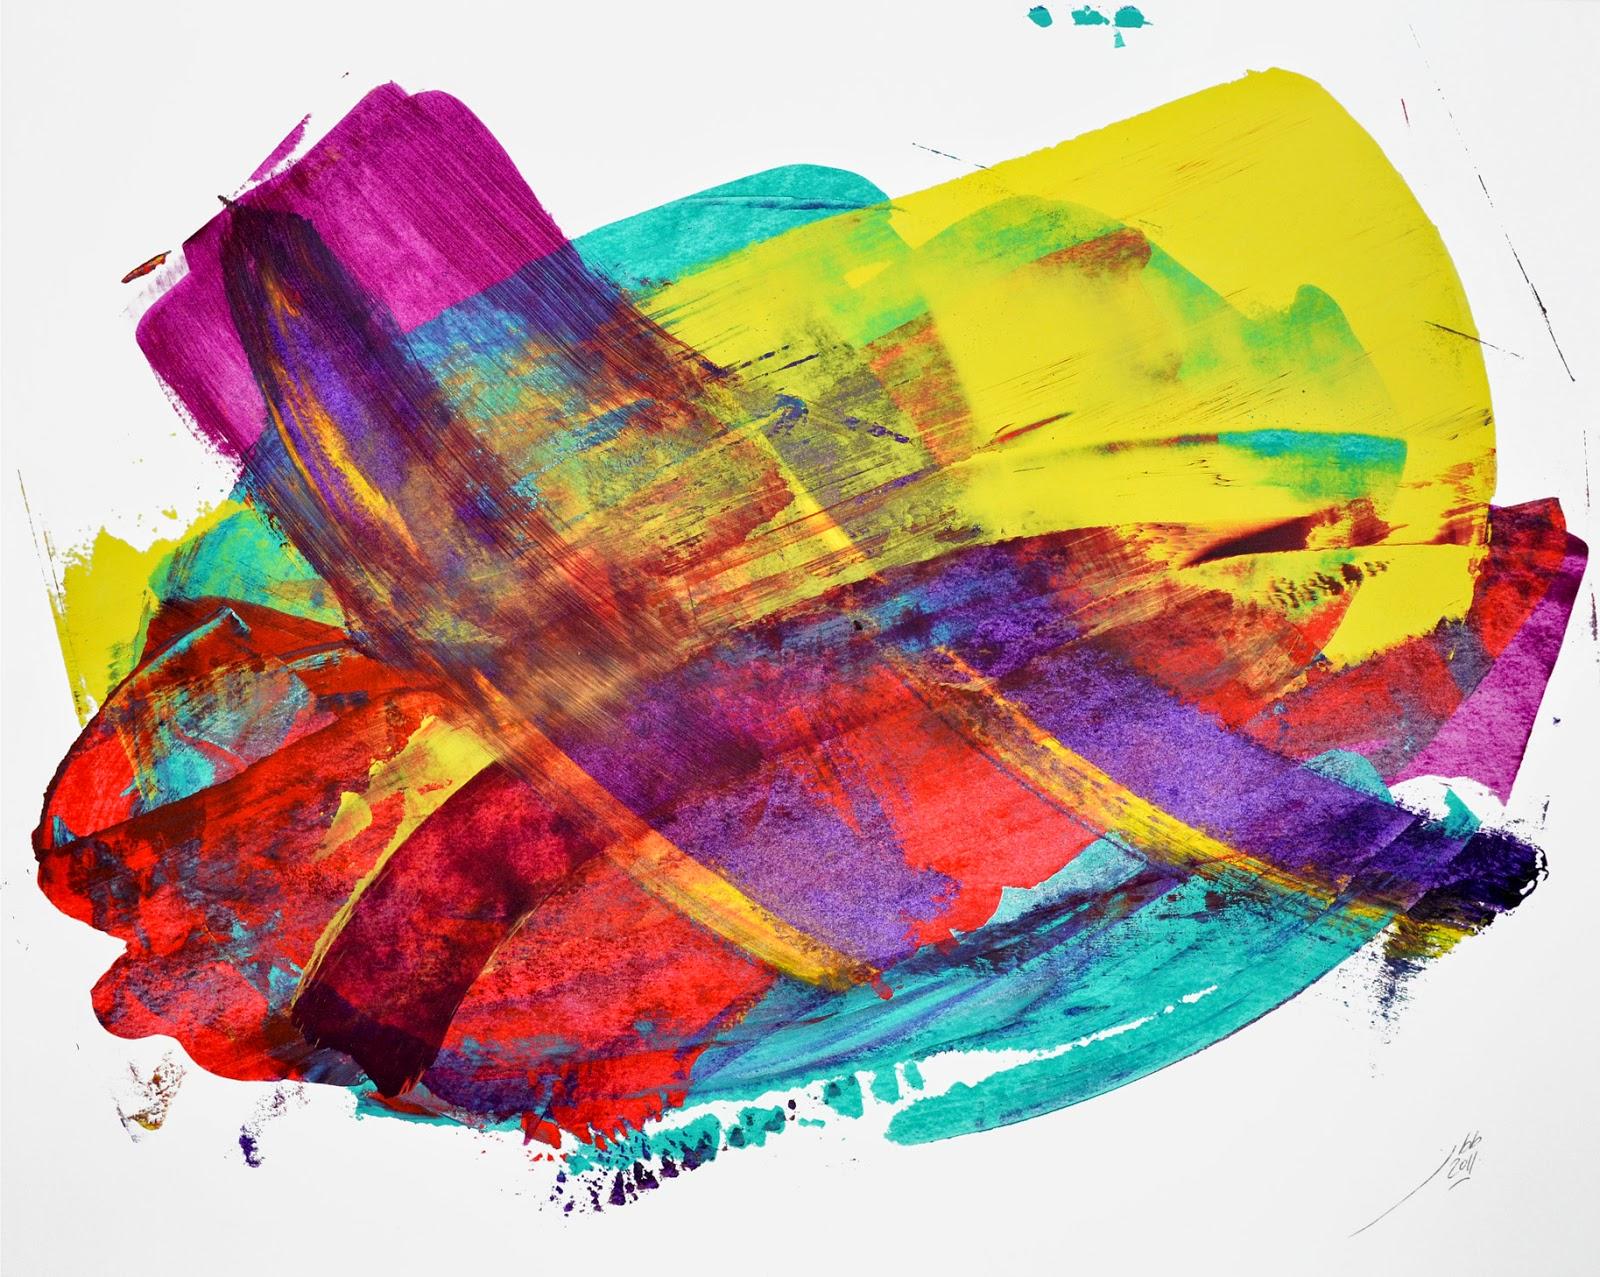 jean baptiste besançon artiste abstraction lyrique peinture papier